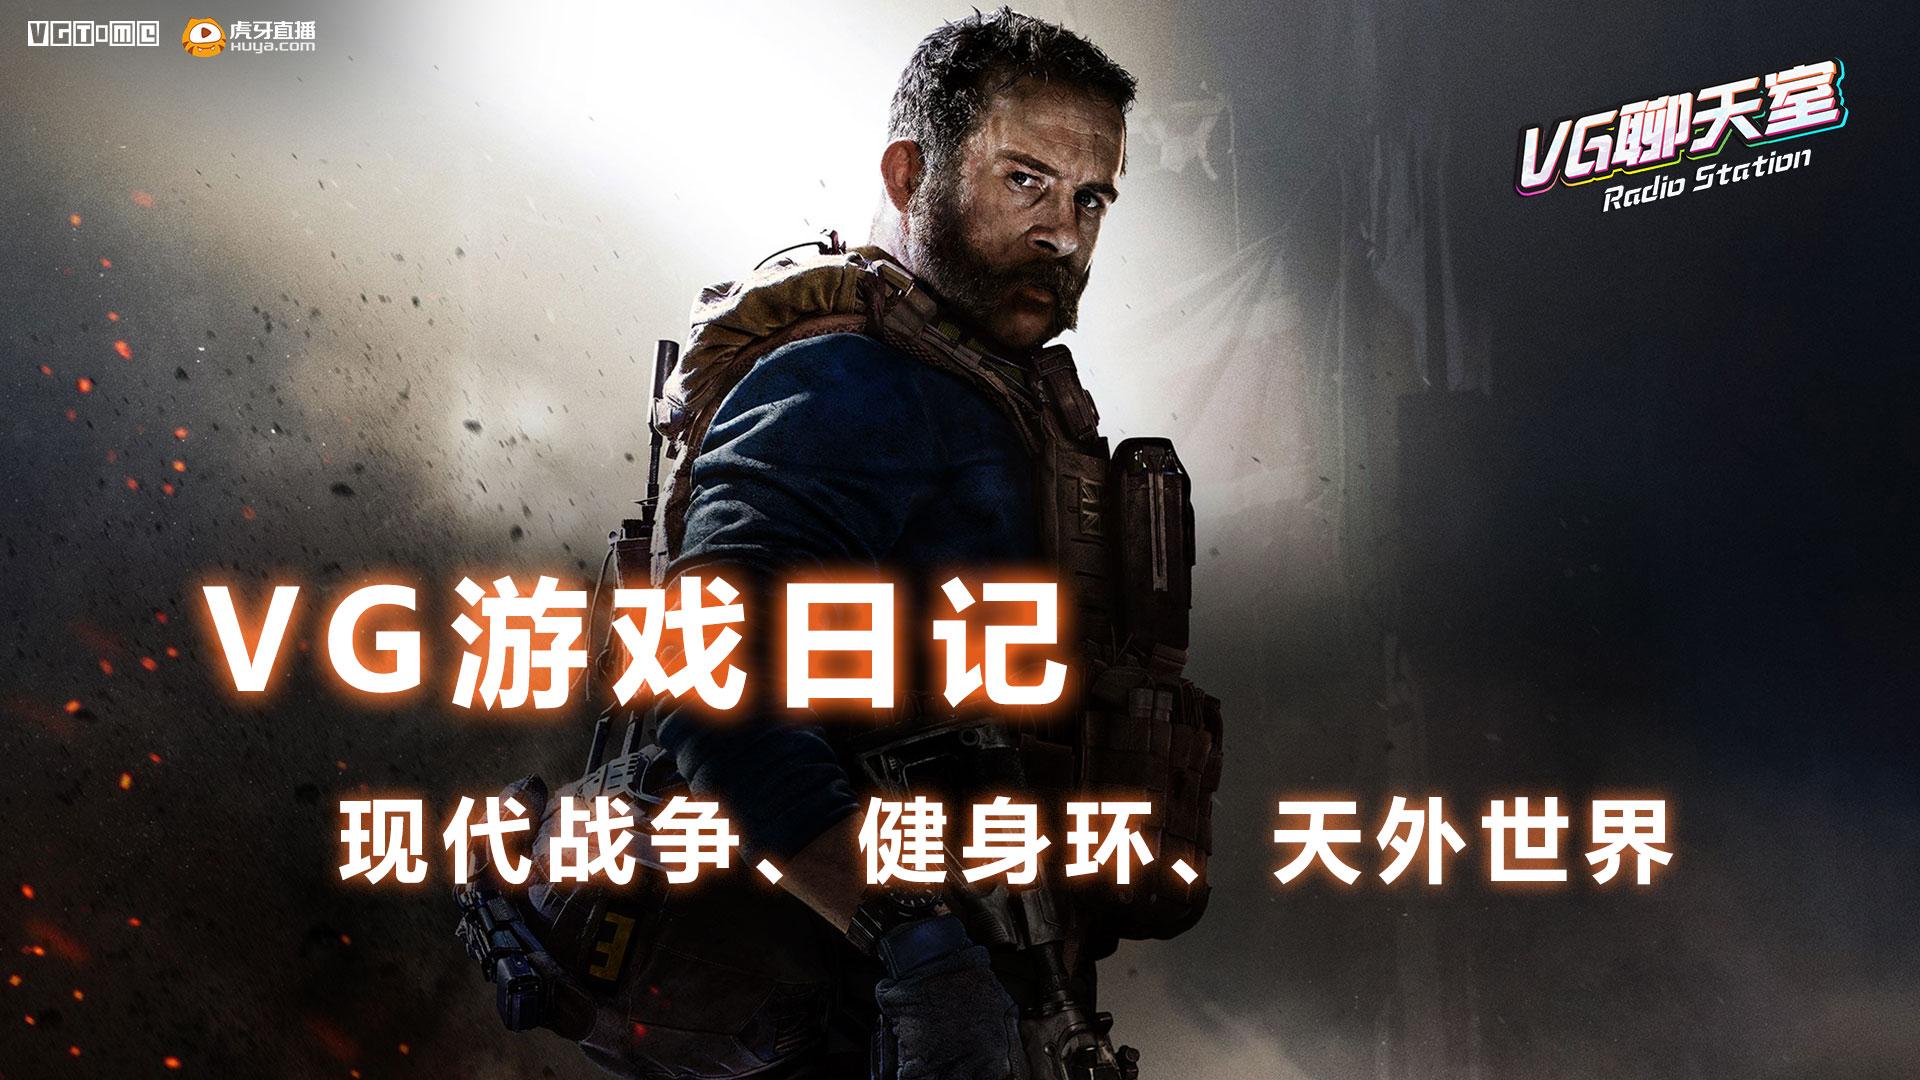 VG游戏日记:现代战争、健身环、天外世界【VG聊天室274】